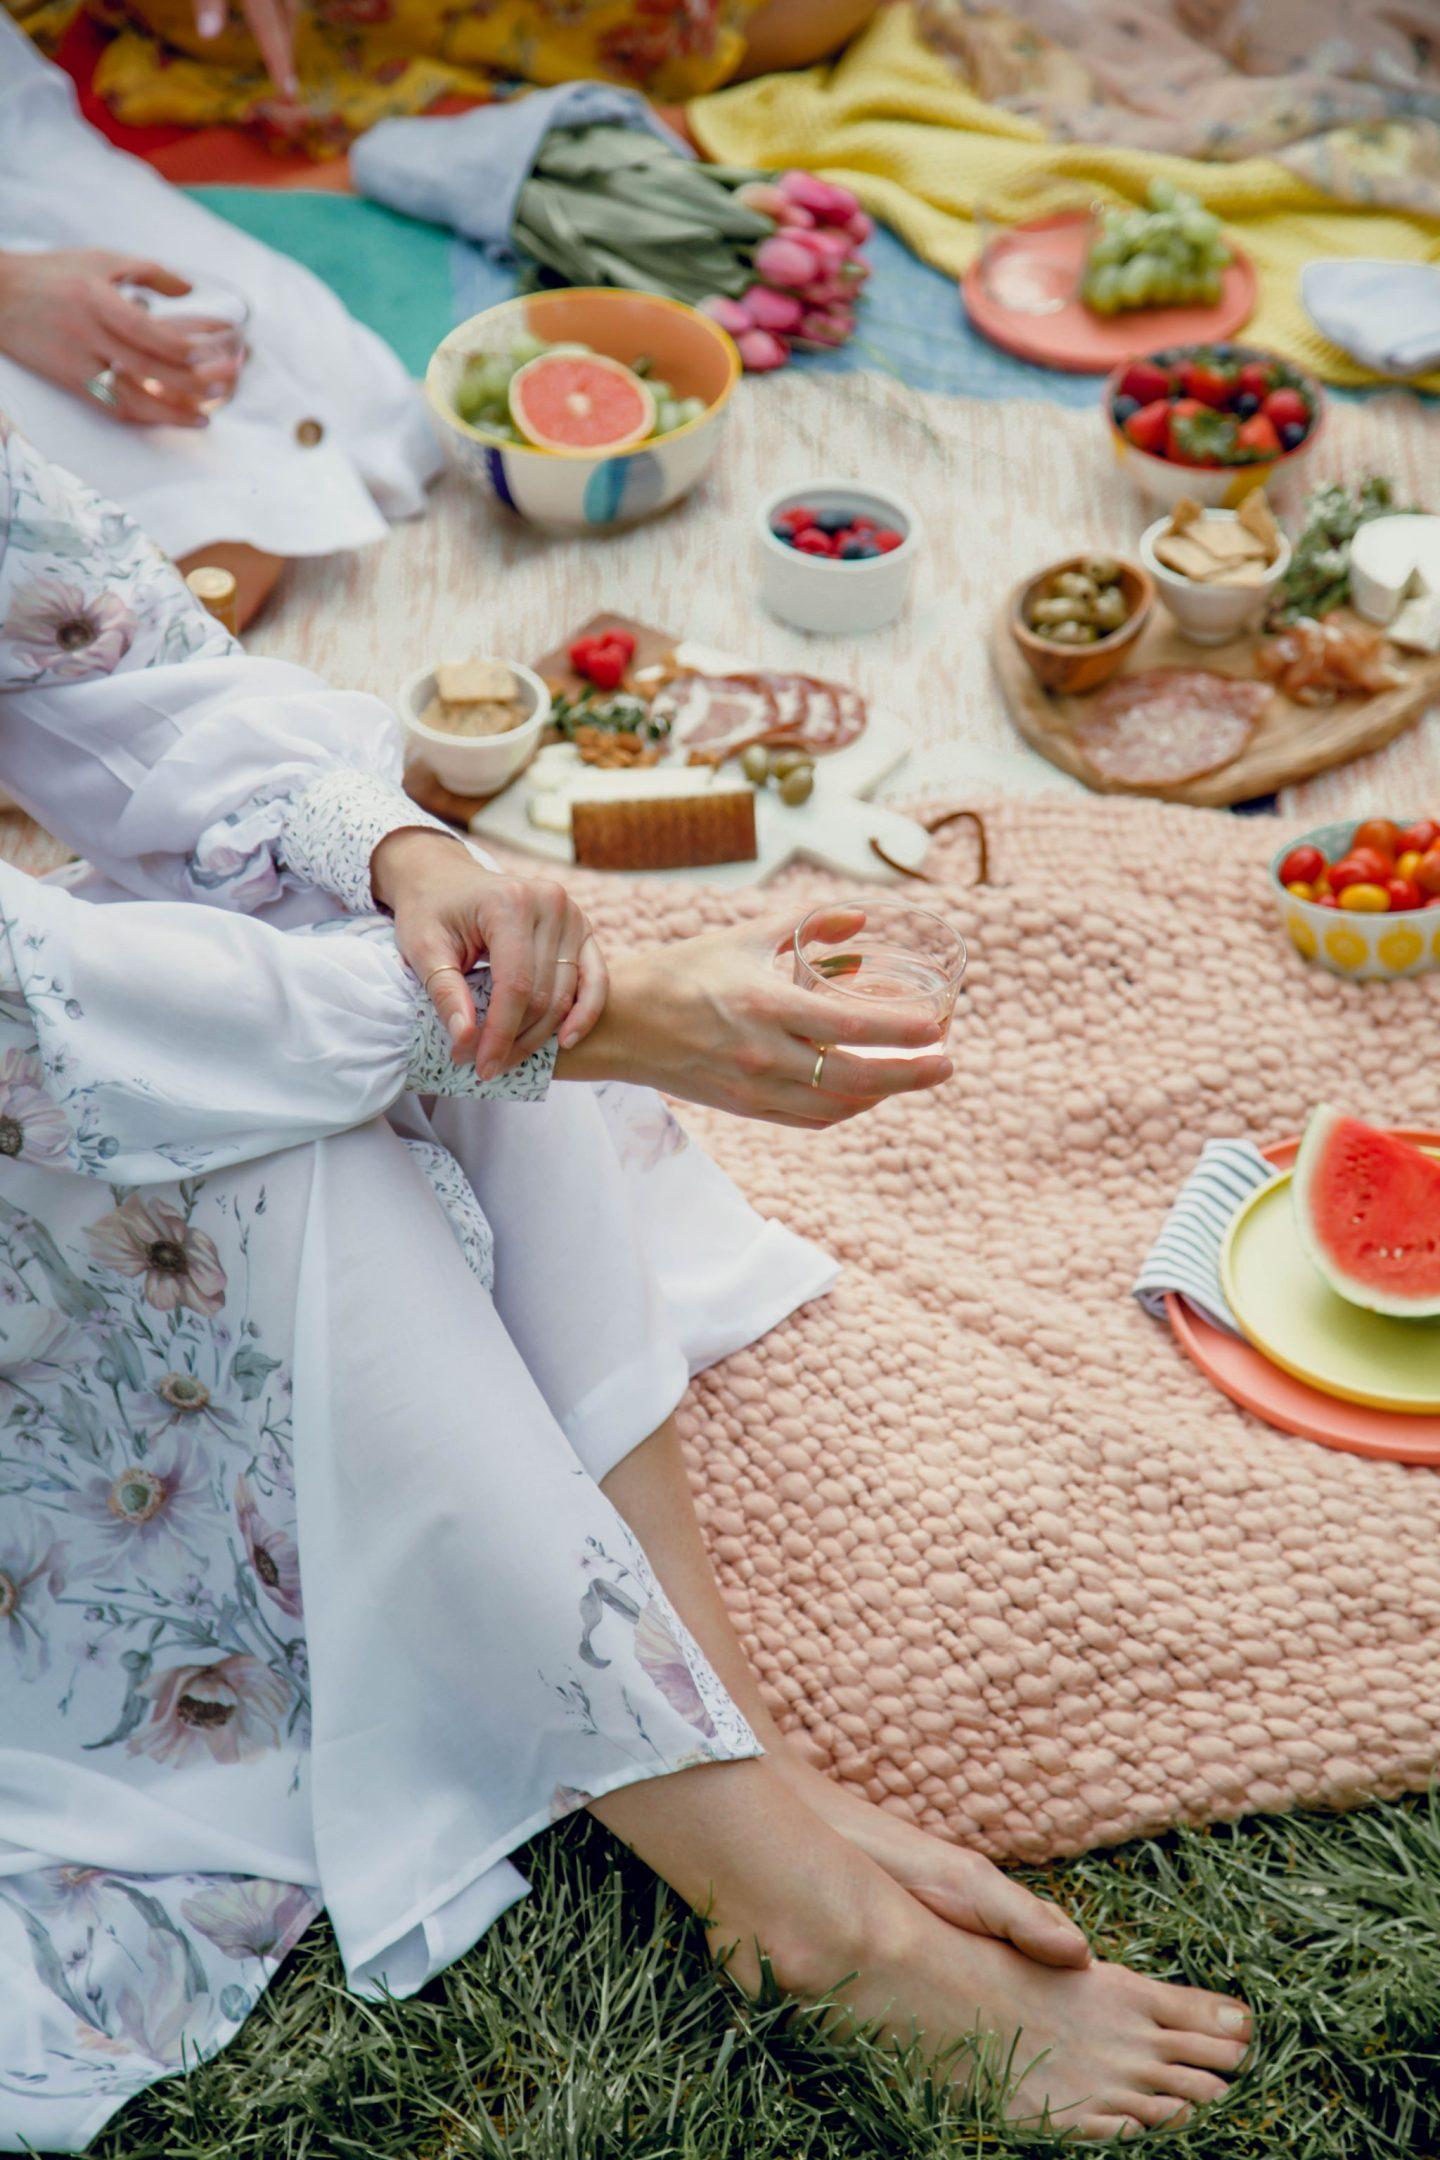 barefoot in the grass - picnic party - Lauren Schwaiger